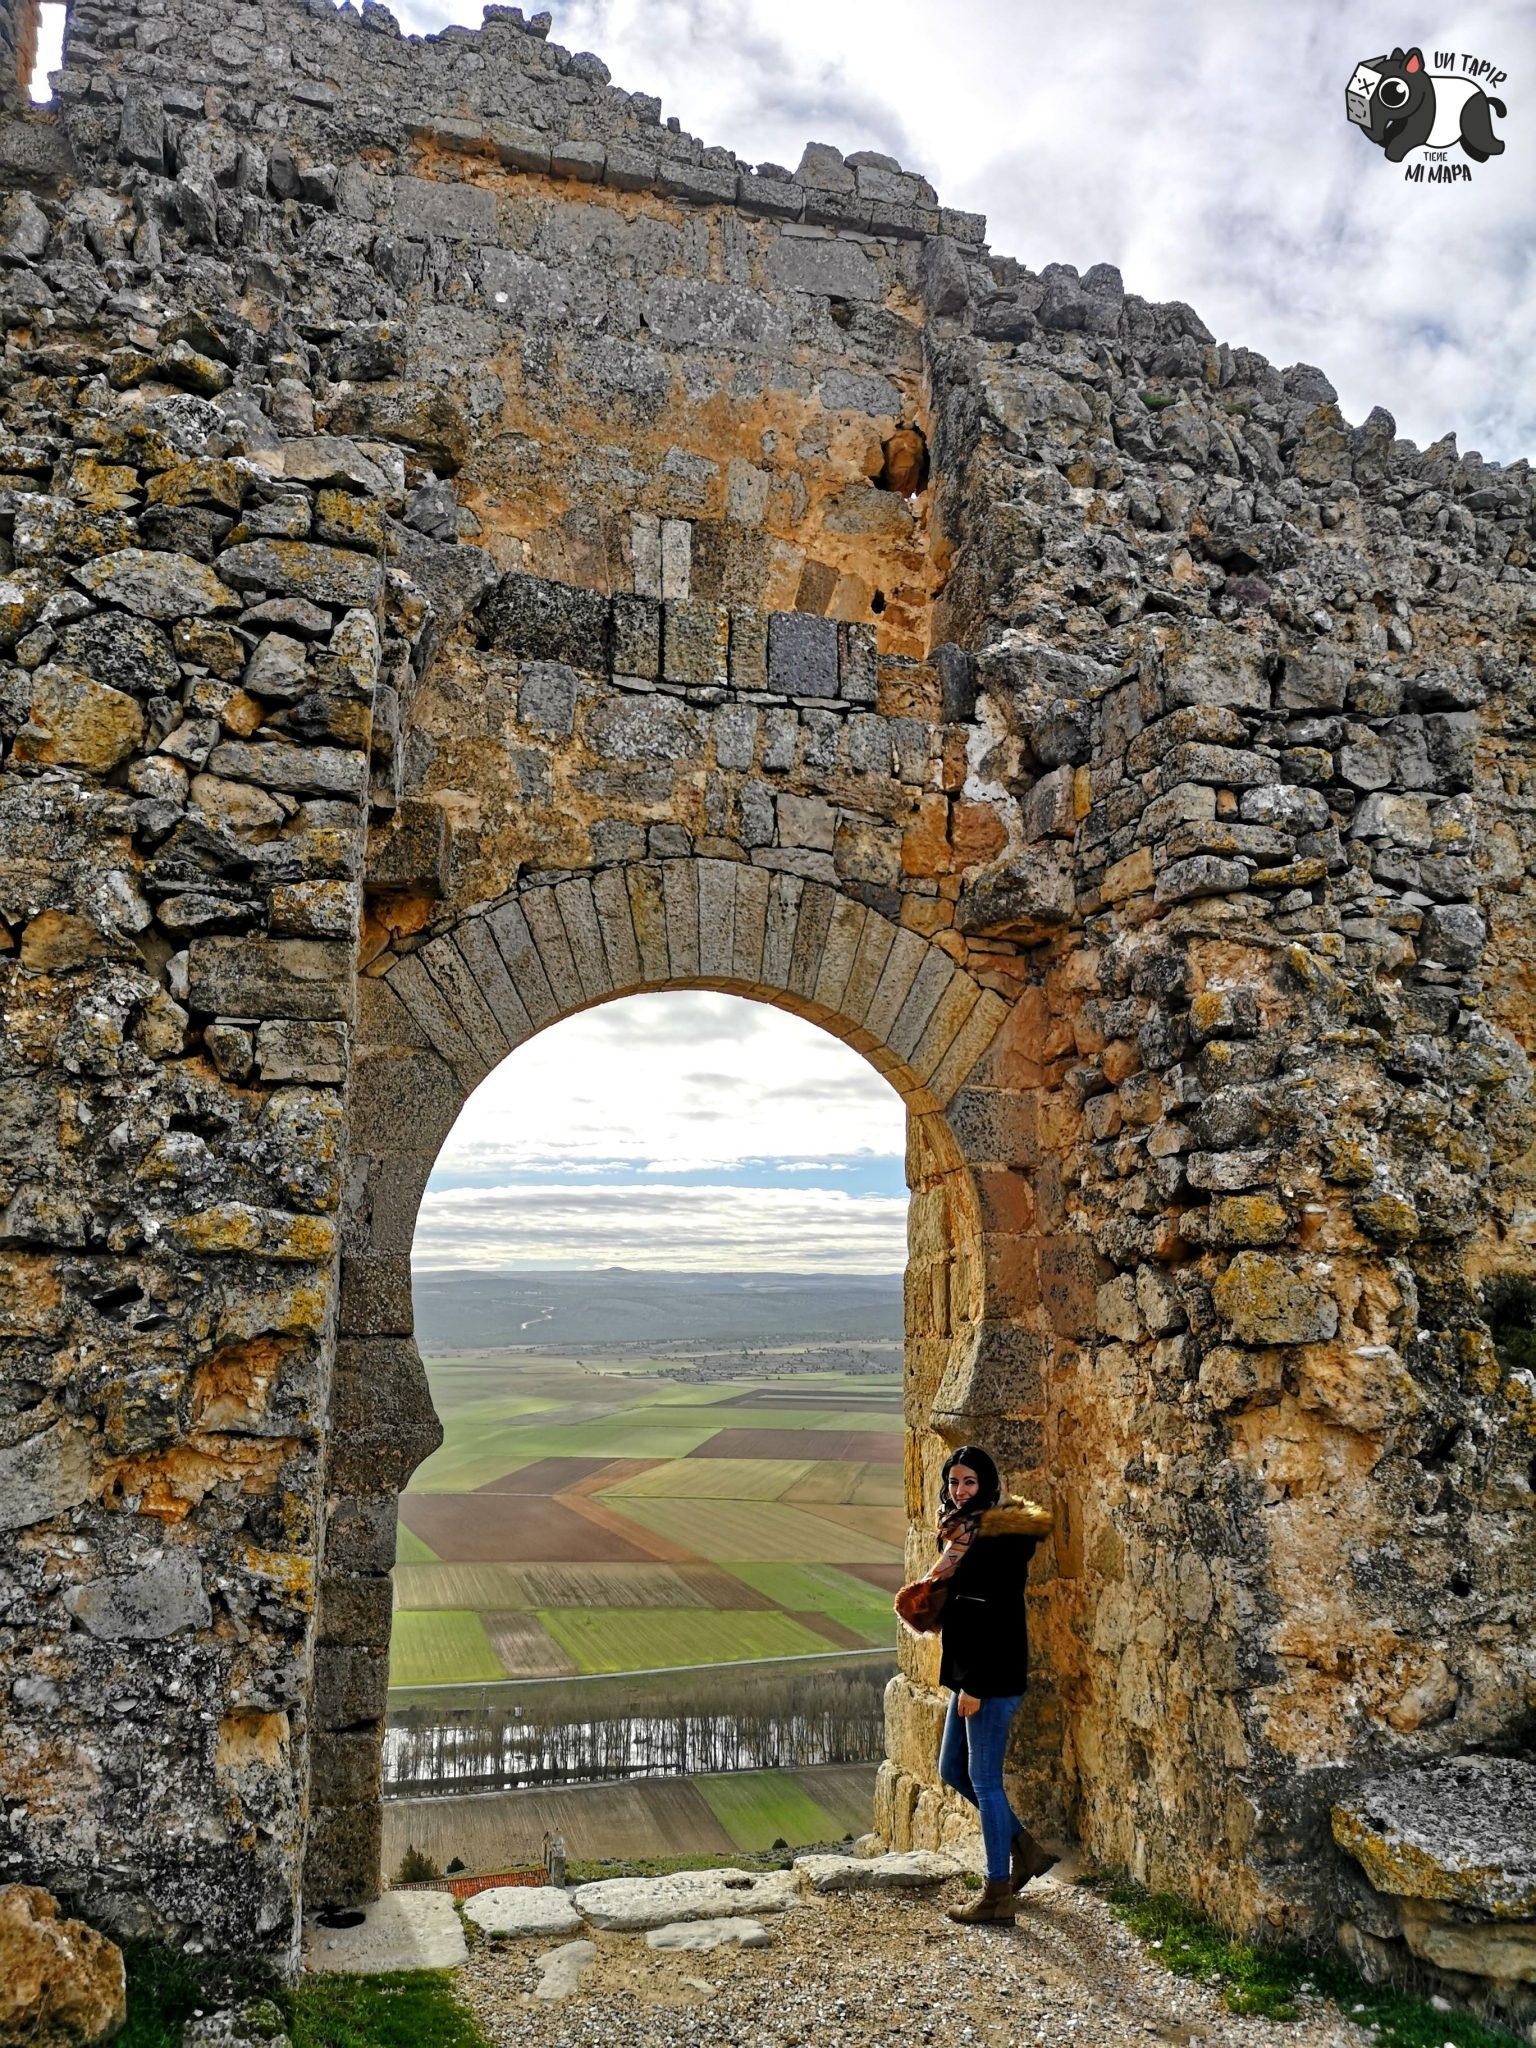 Vista del paisaje a través de una de las puertas del castillo de Gormaz.